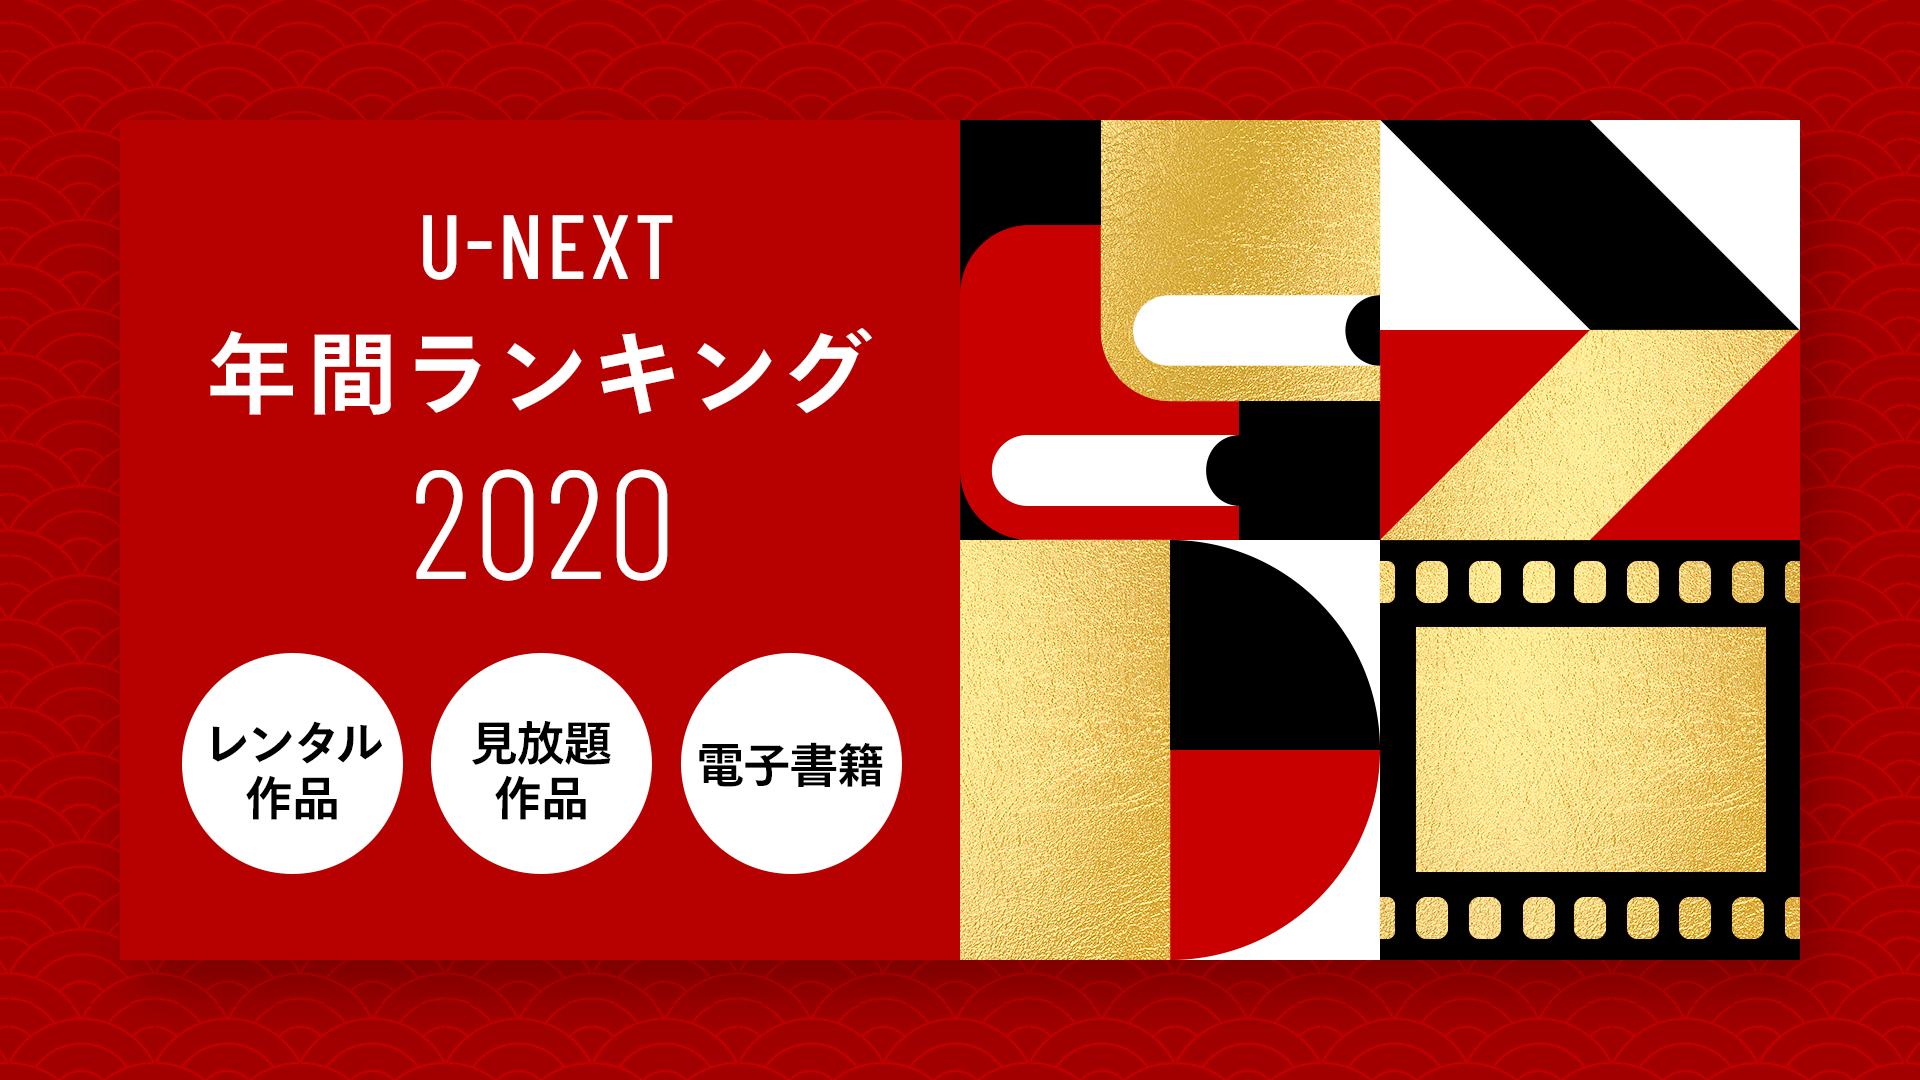 「鬼滅の刃」マンガもアニメもNo.1&「ヒロアカ」も幅広くランクイン!「U-NEXT」の年間ランキング発表